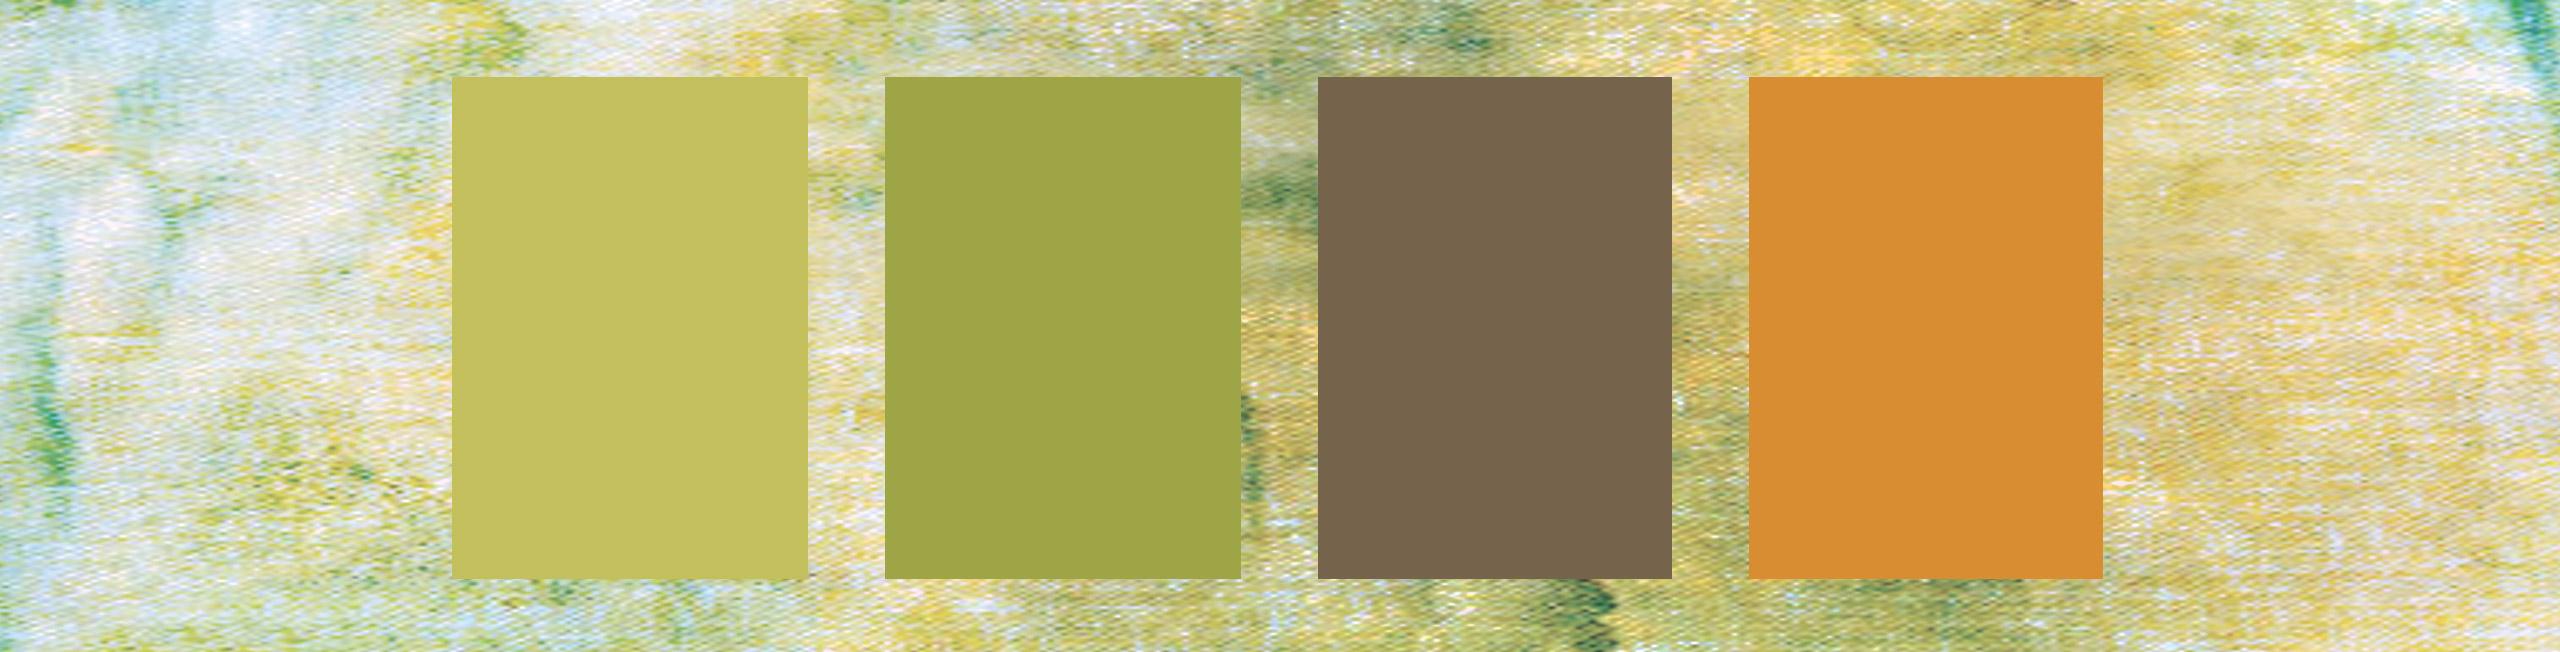 Esempio di colori che si ispirano al giardinaggio